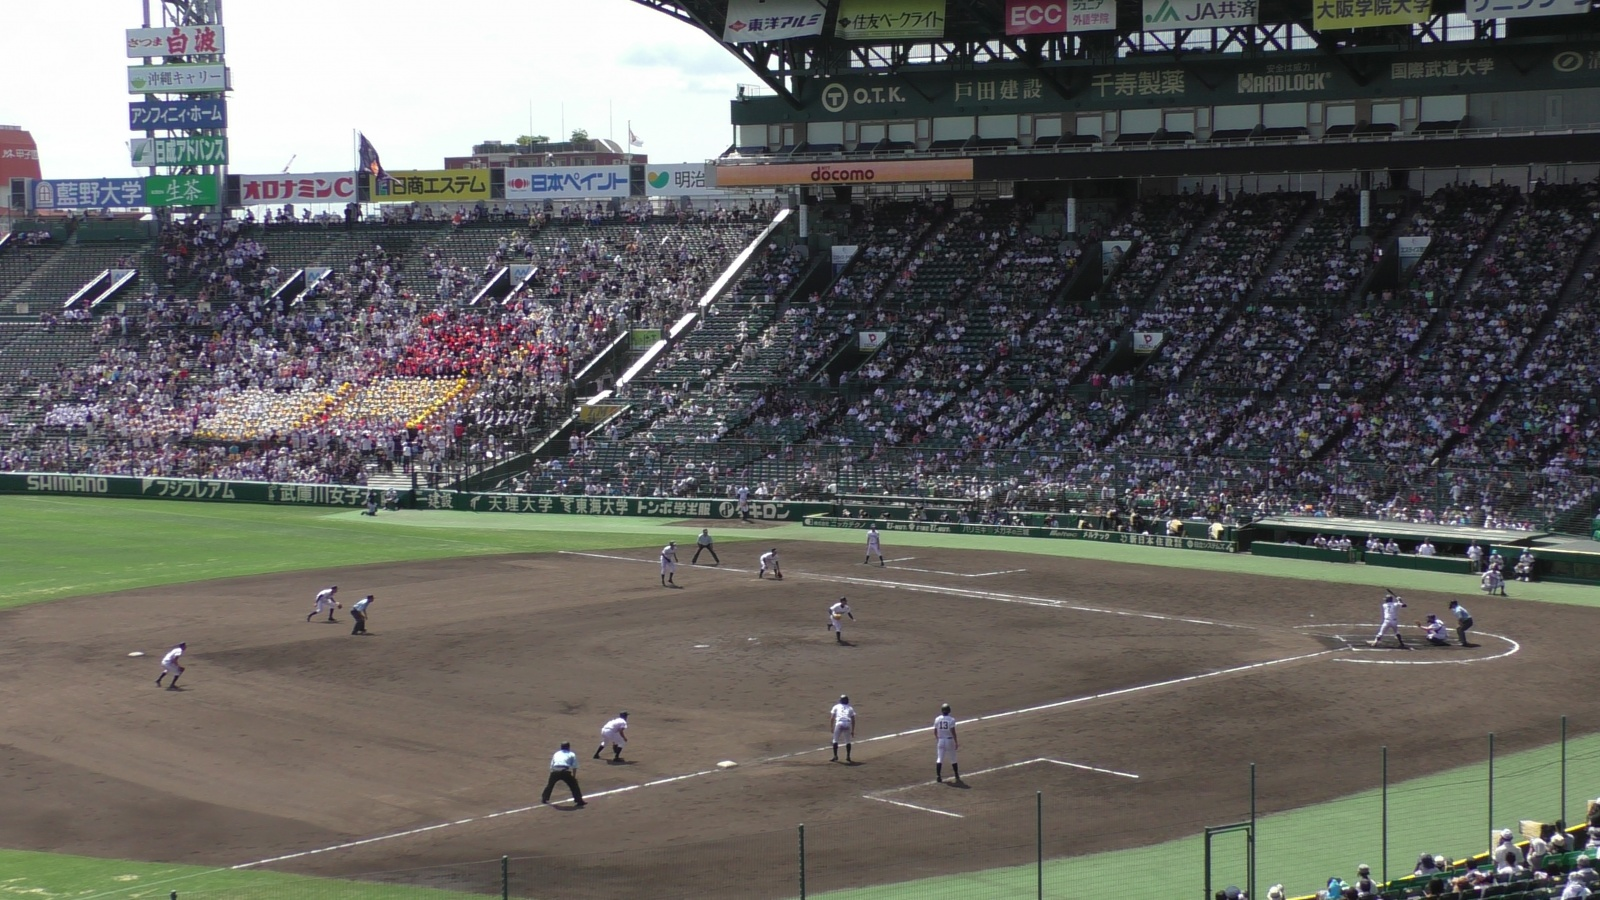 第97回全国高校野球選手権大会~第2日:第3試合「九州国際大付VS鳴門」(下)~